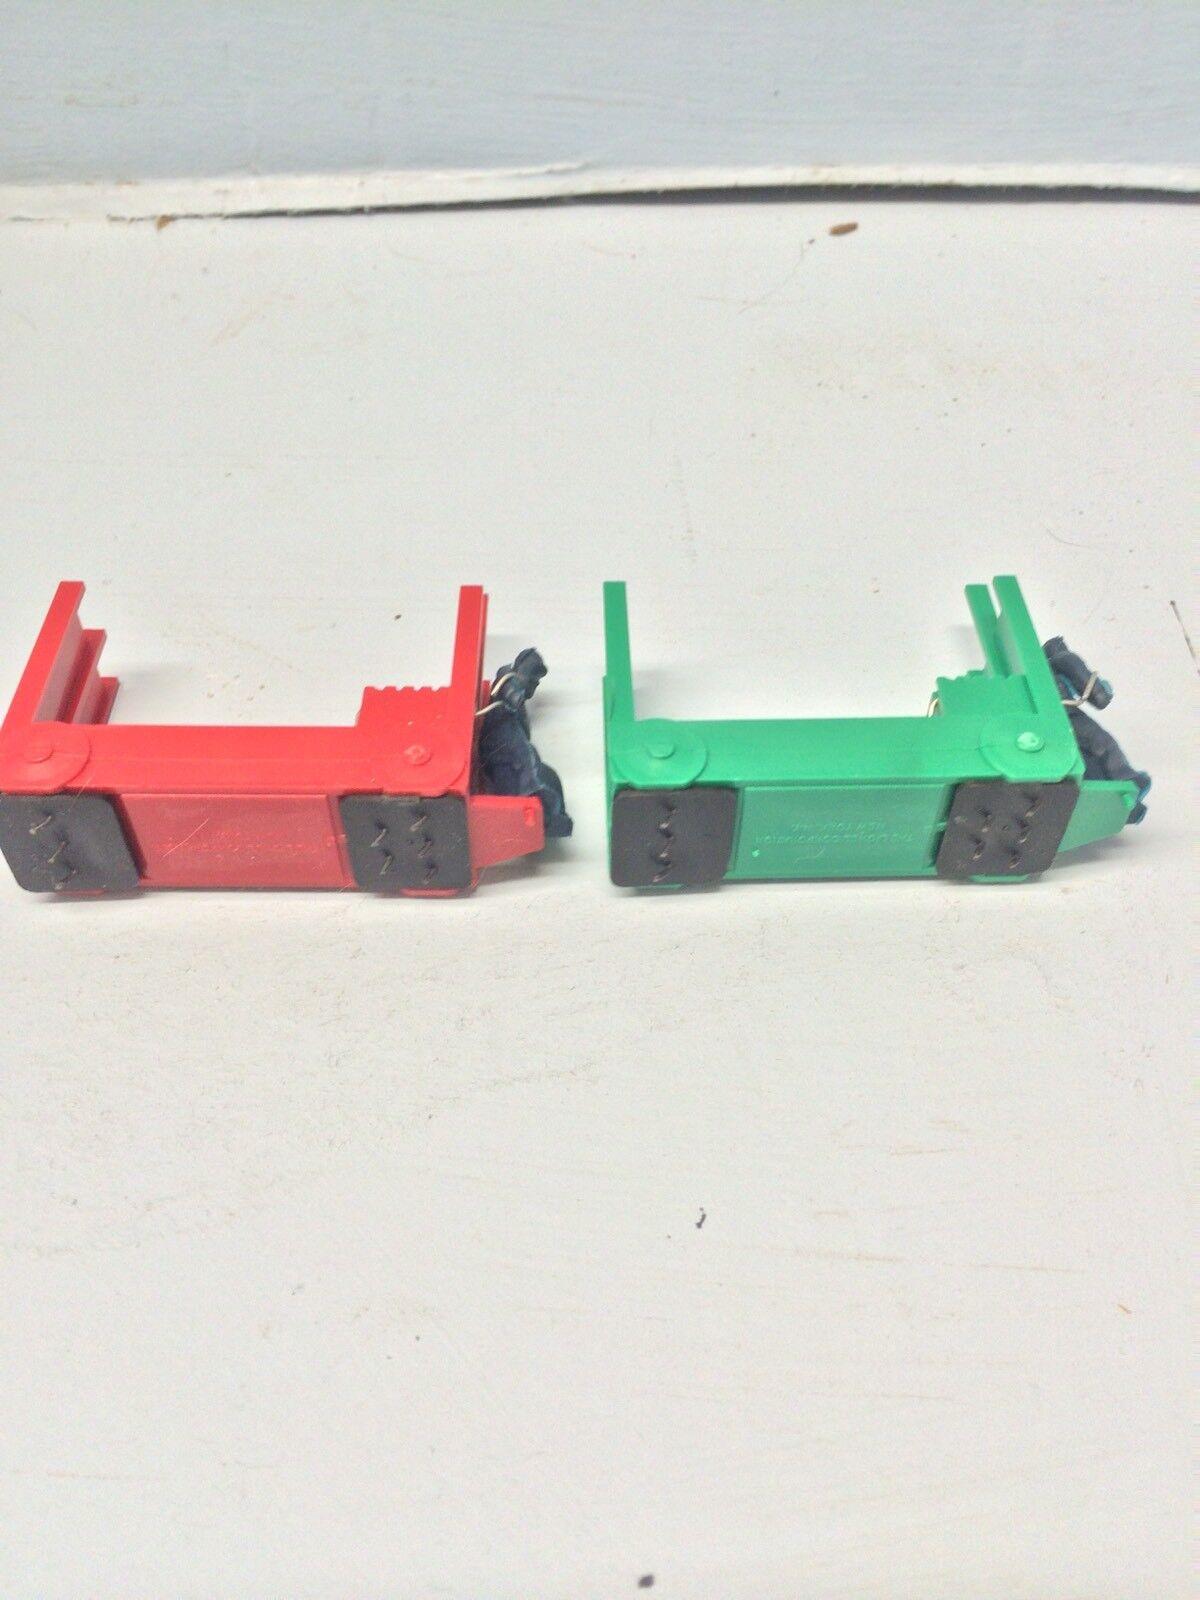 Lionel C estación carros rosso y verde claro se vende como pares solo  5PR.